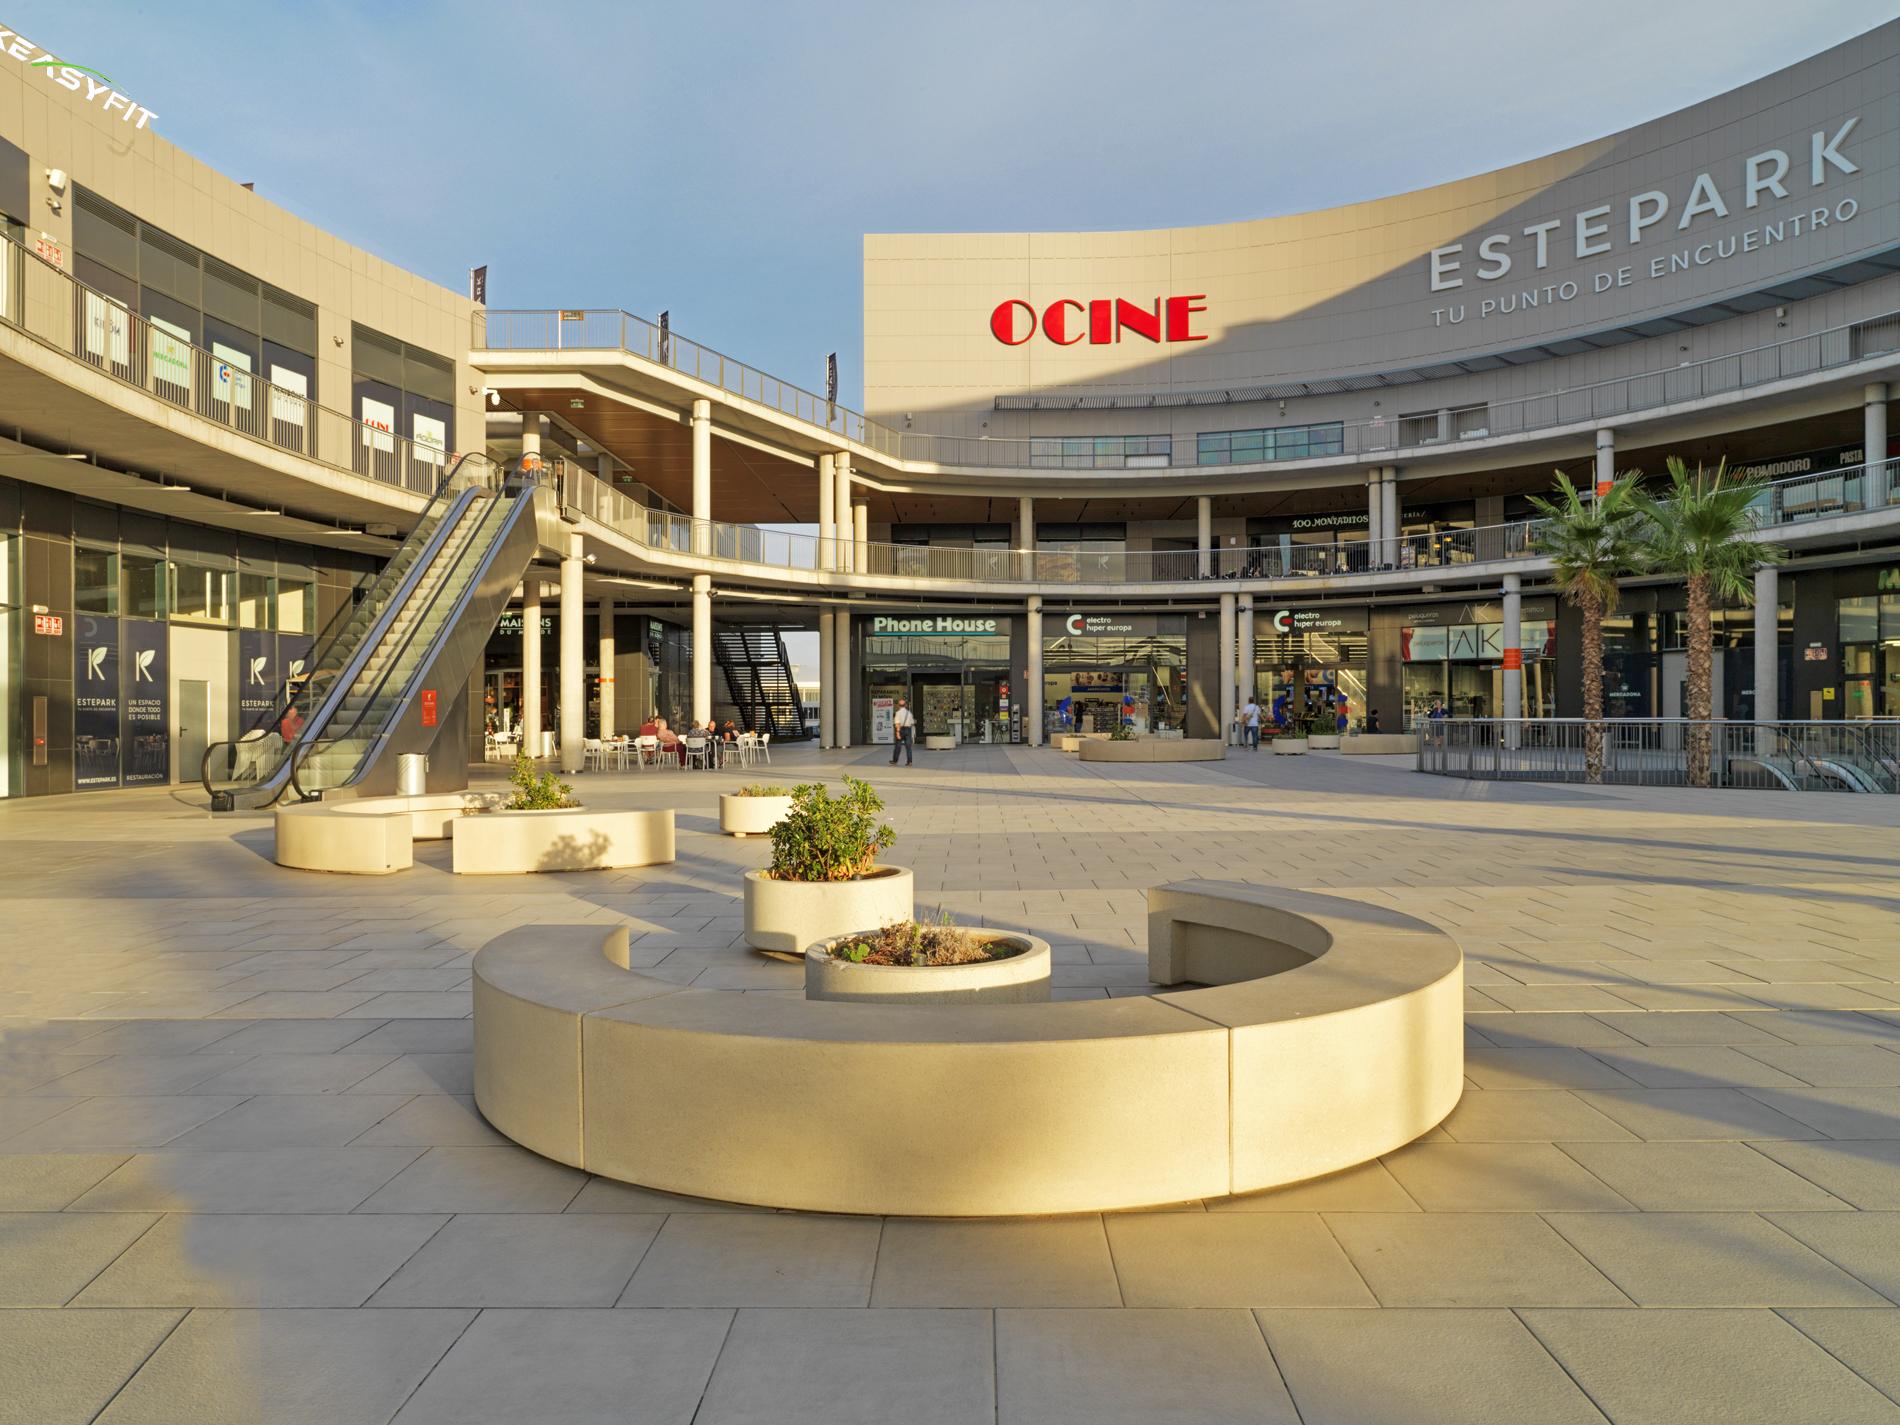 CC Estepark reabre sus puertas con el cine, terrazas, gimnasio y mucho más